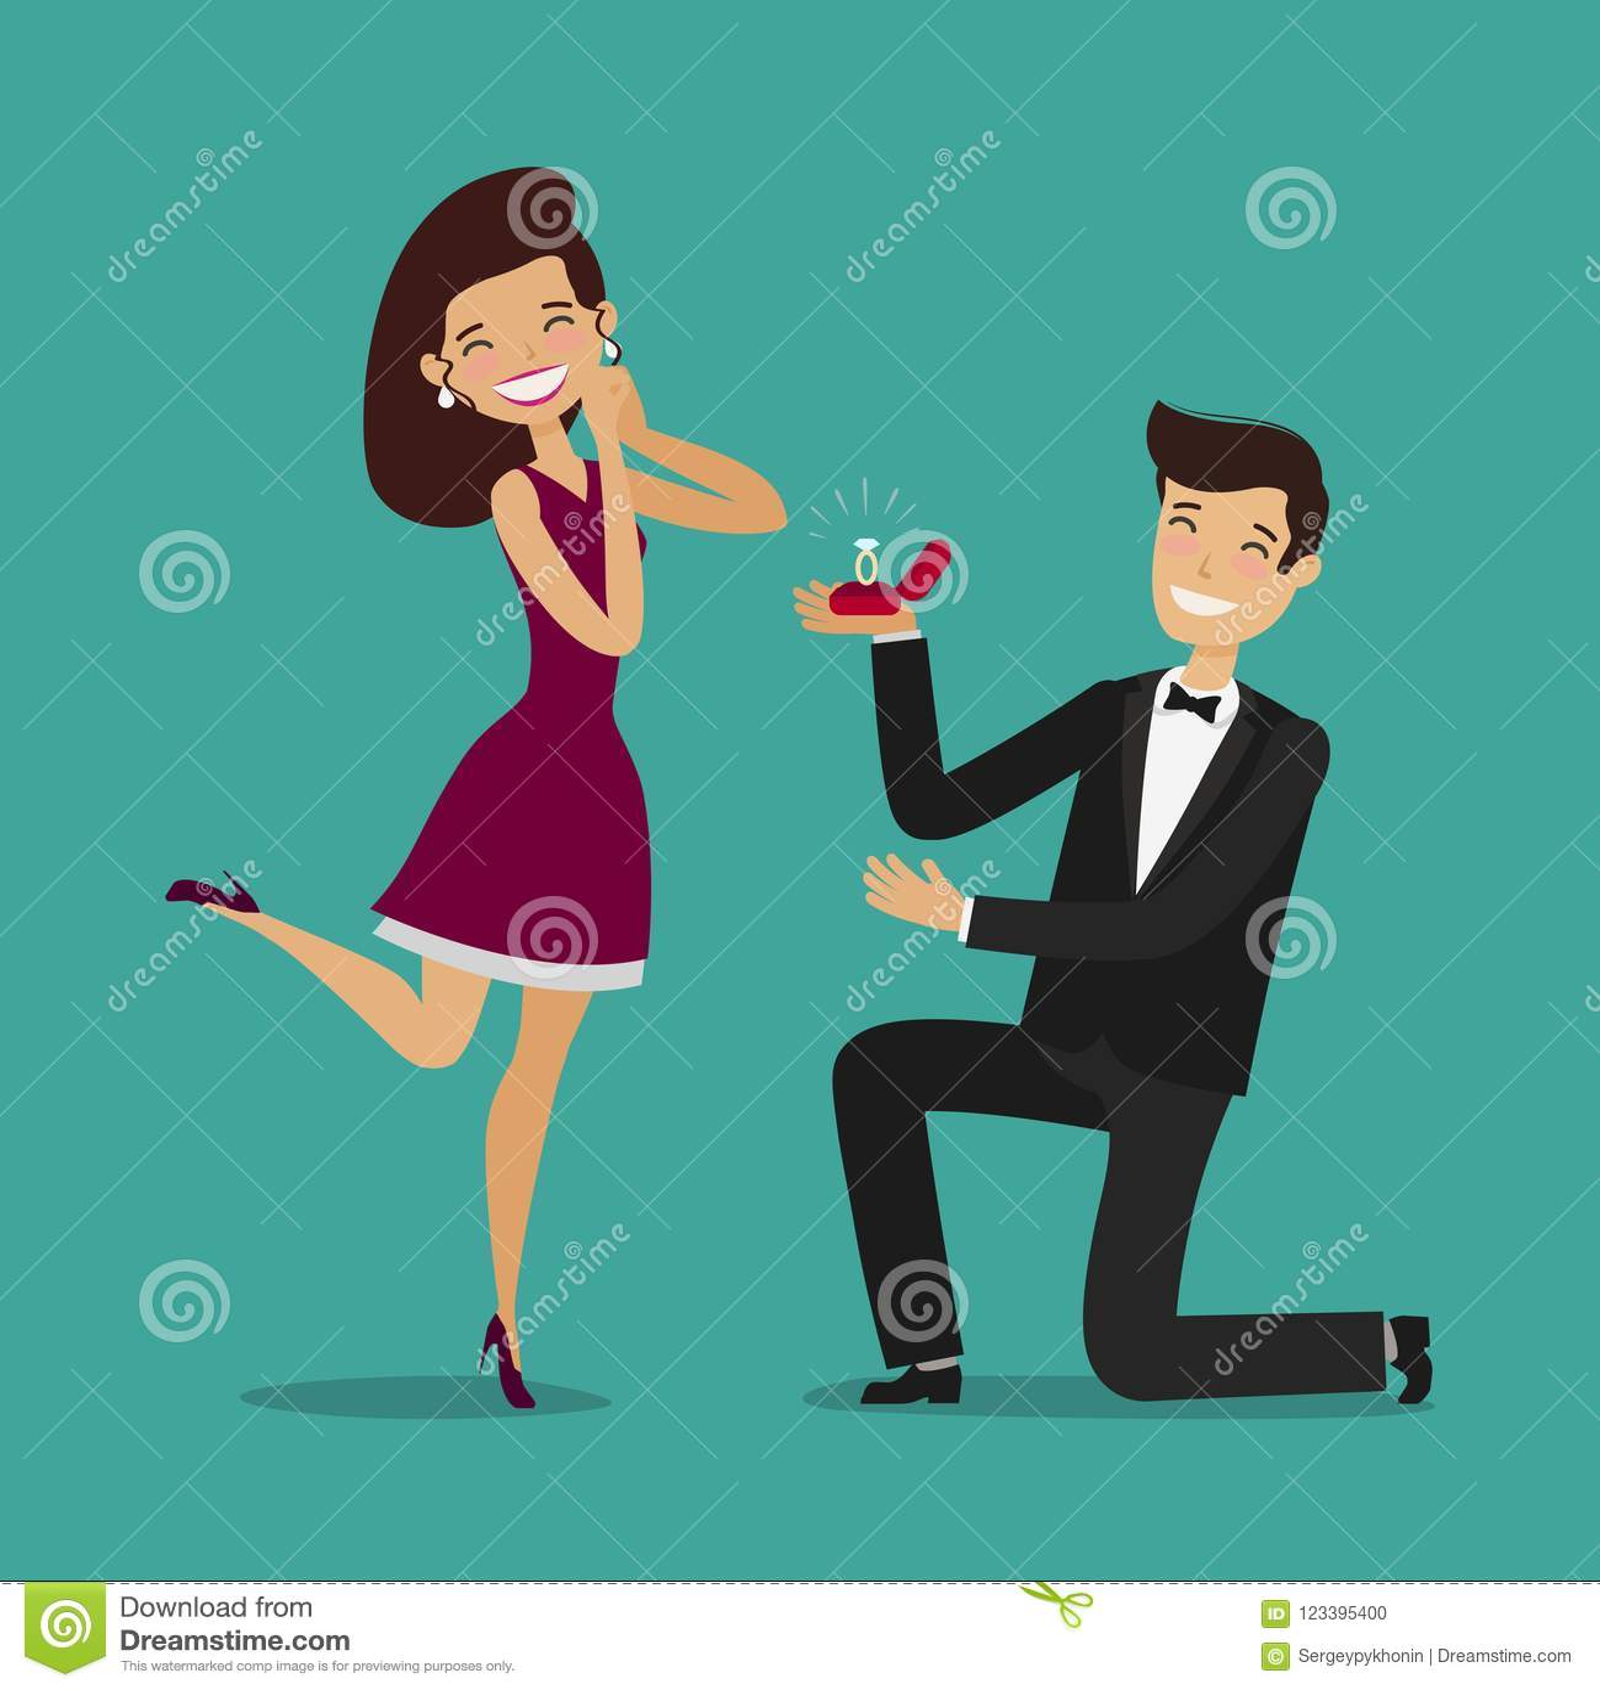 Mann Schlgt Eine Frau Vor Um Zu Heiraten Hochzeit